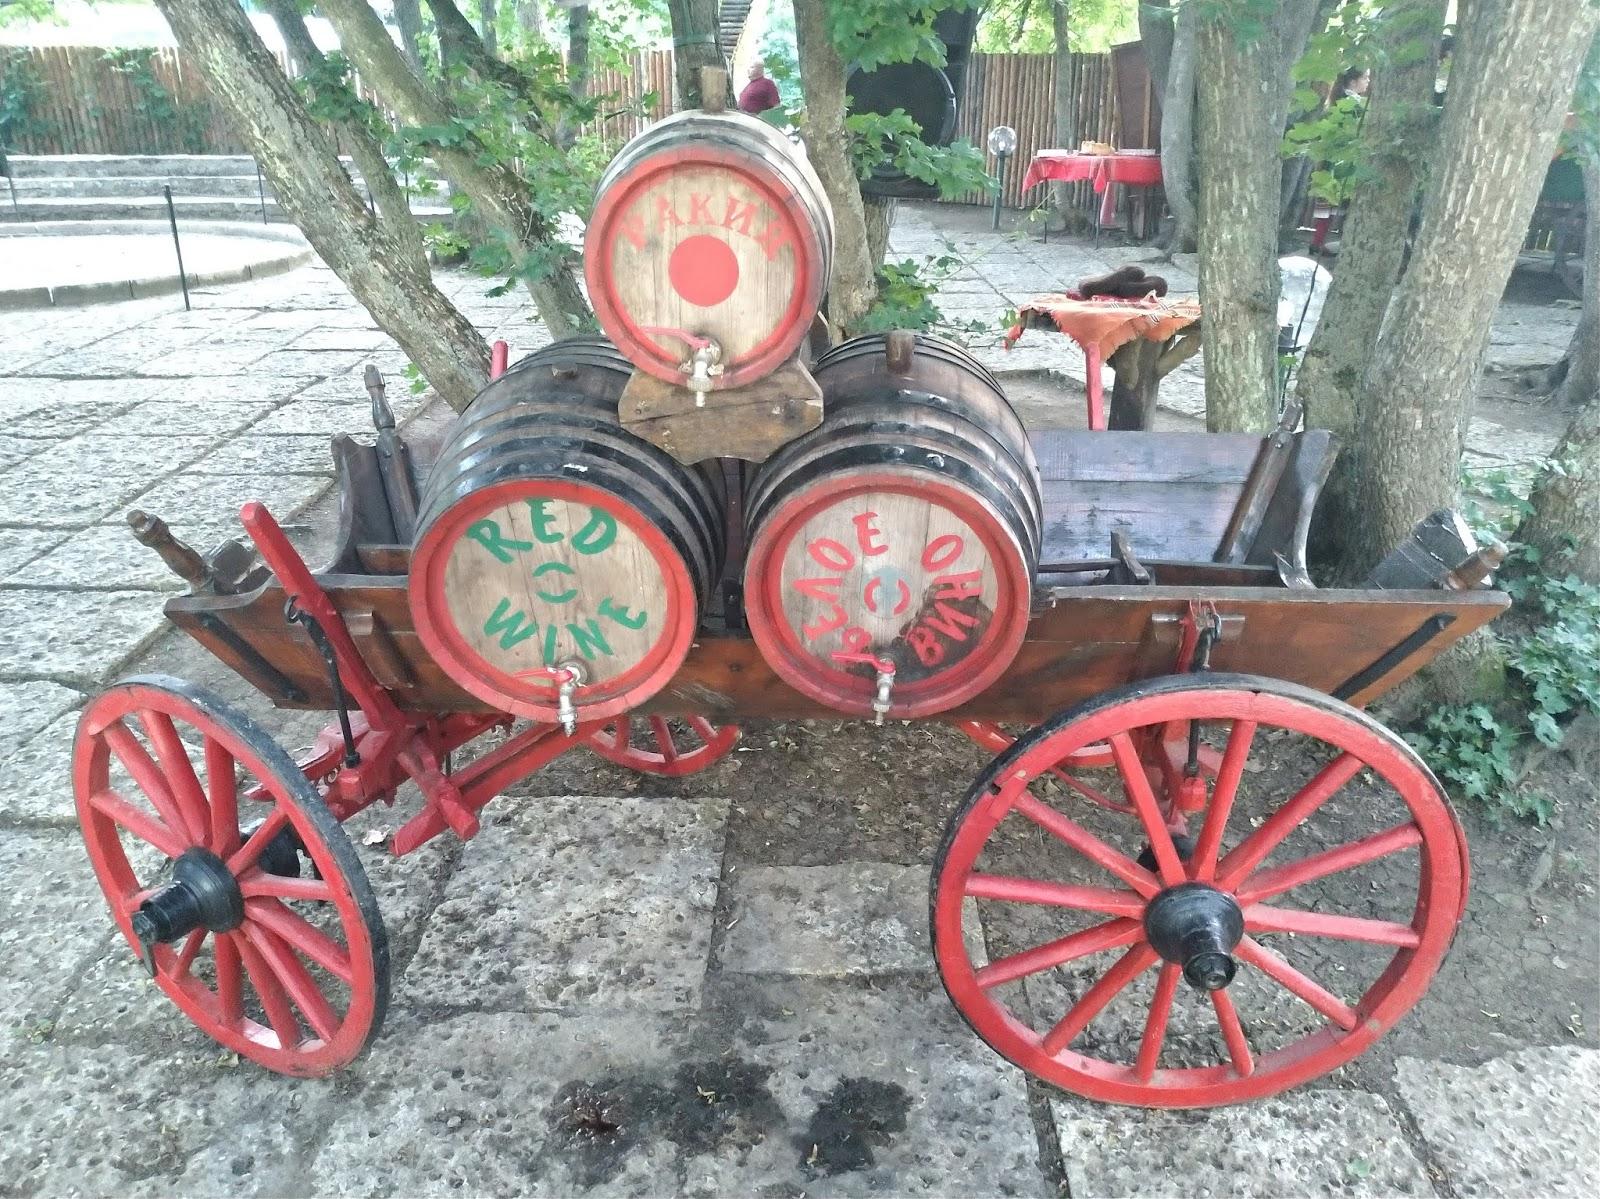 bułgarska biesiada na wycieczce, restauracja Piknik Bivaka, beczki z alkoholem